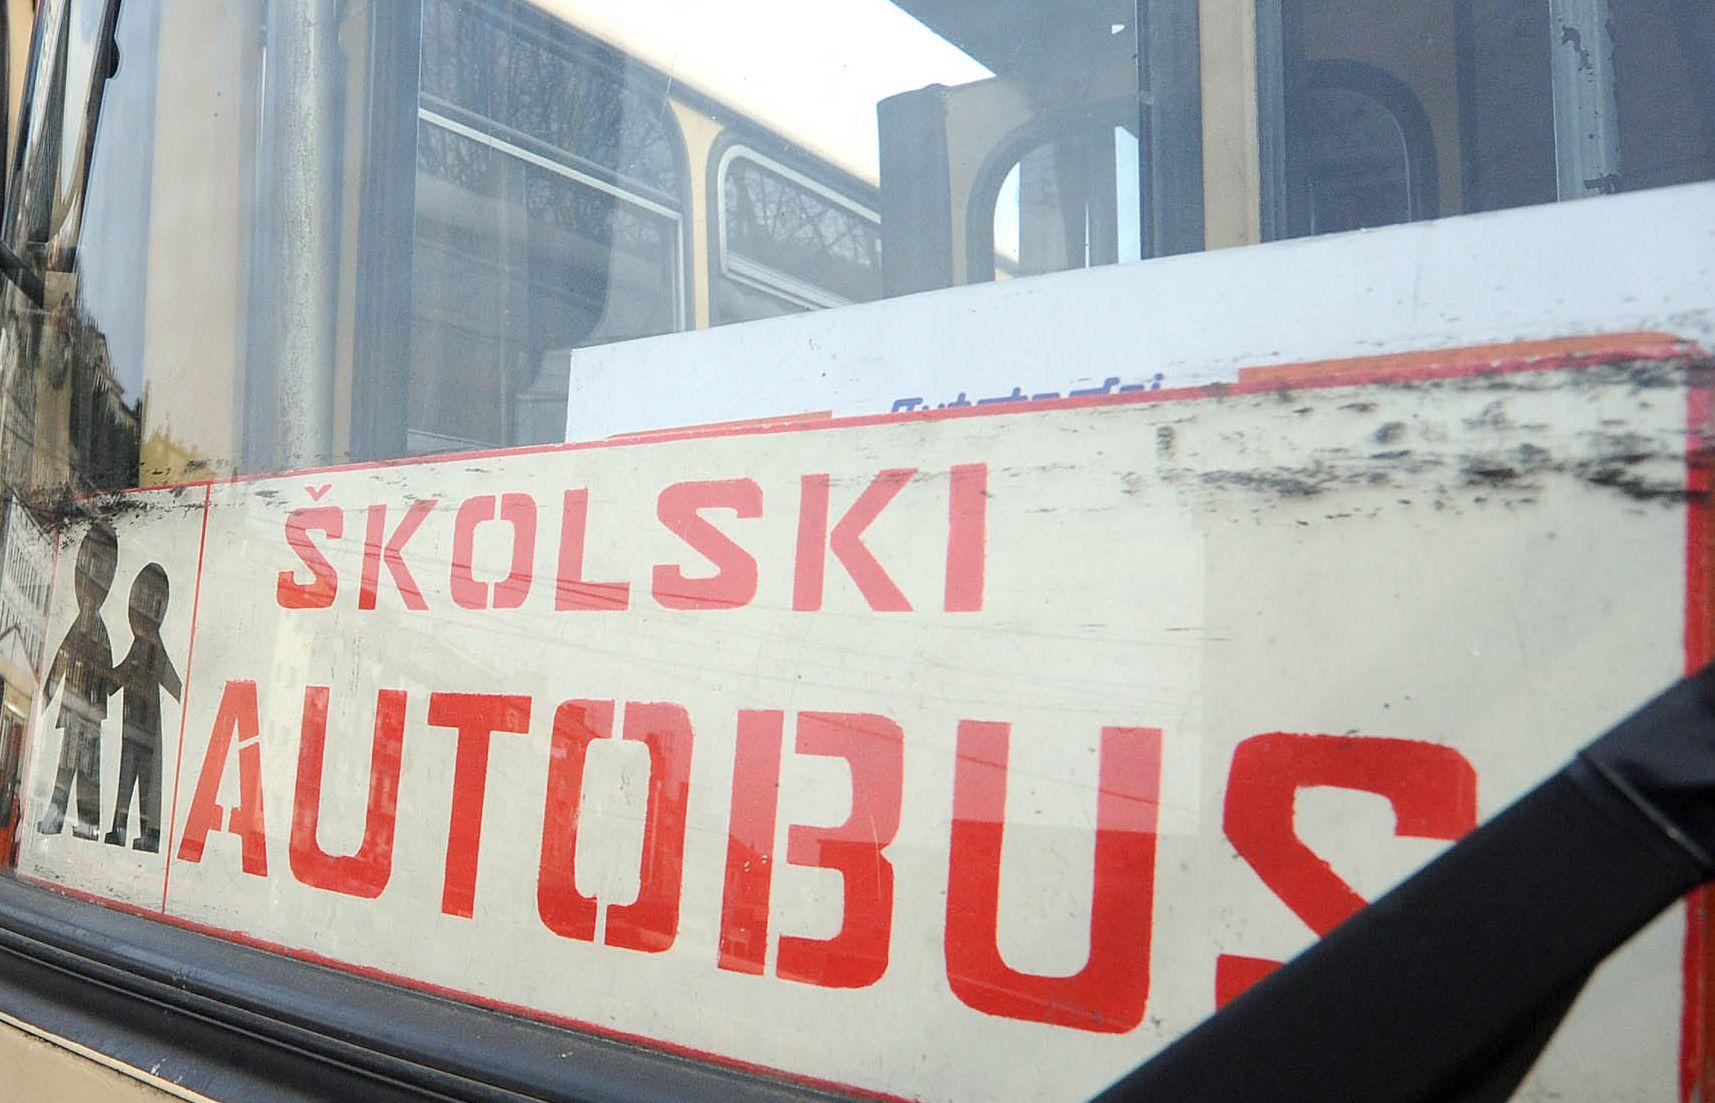 Ilustracija školskog autobusa / Foto Sergej Drechsler